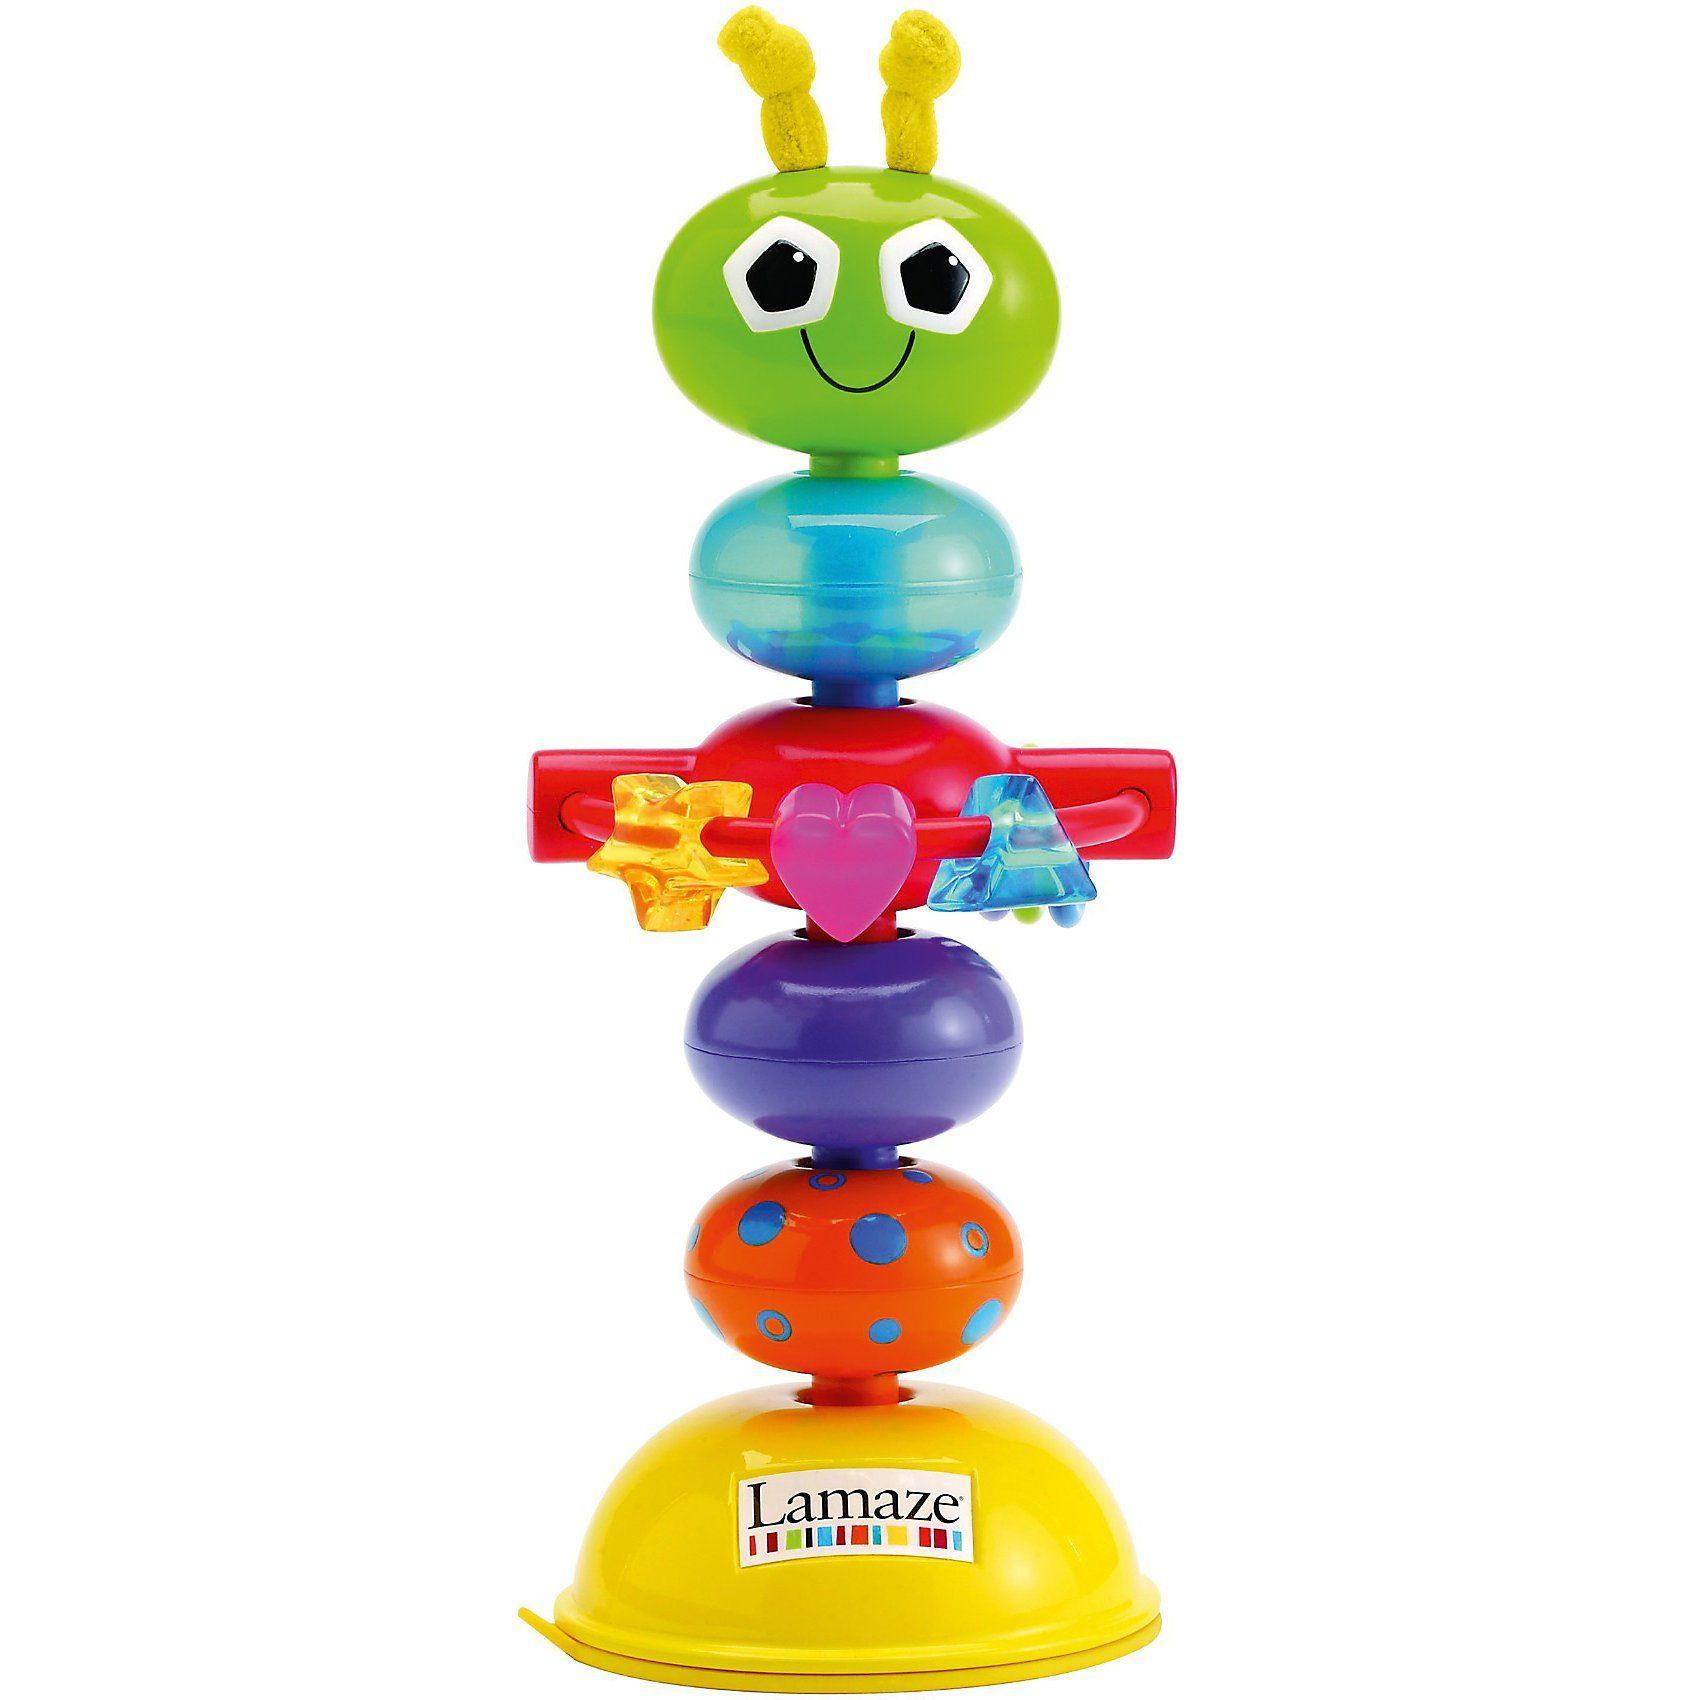 Lamaze Beschäftigungsspielzeug - Lustiger Käfer